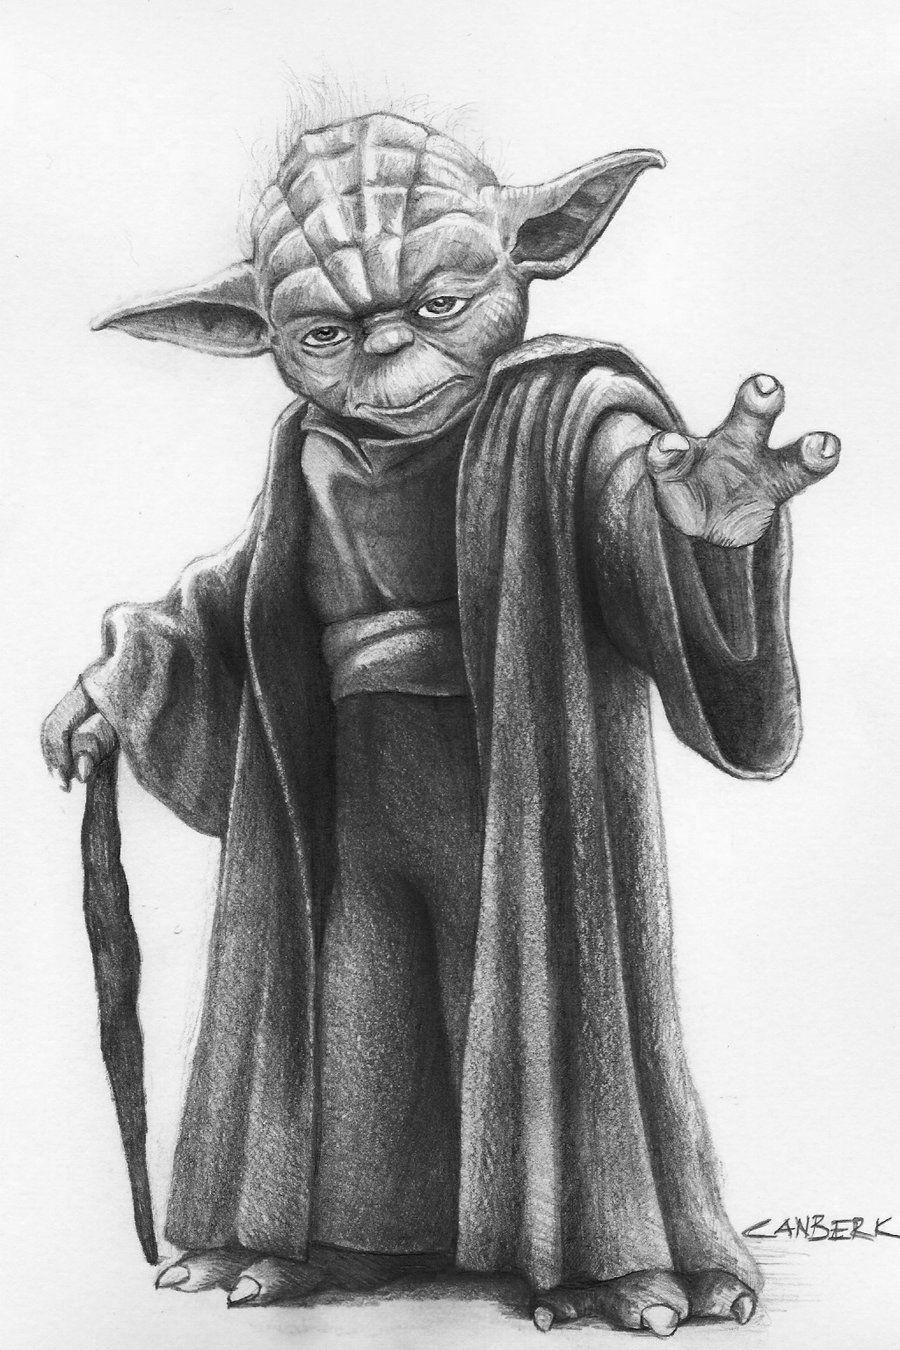 Pencil Drawing of Star Wars Yoda